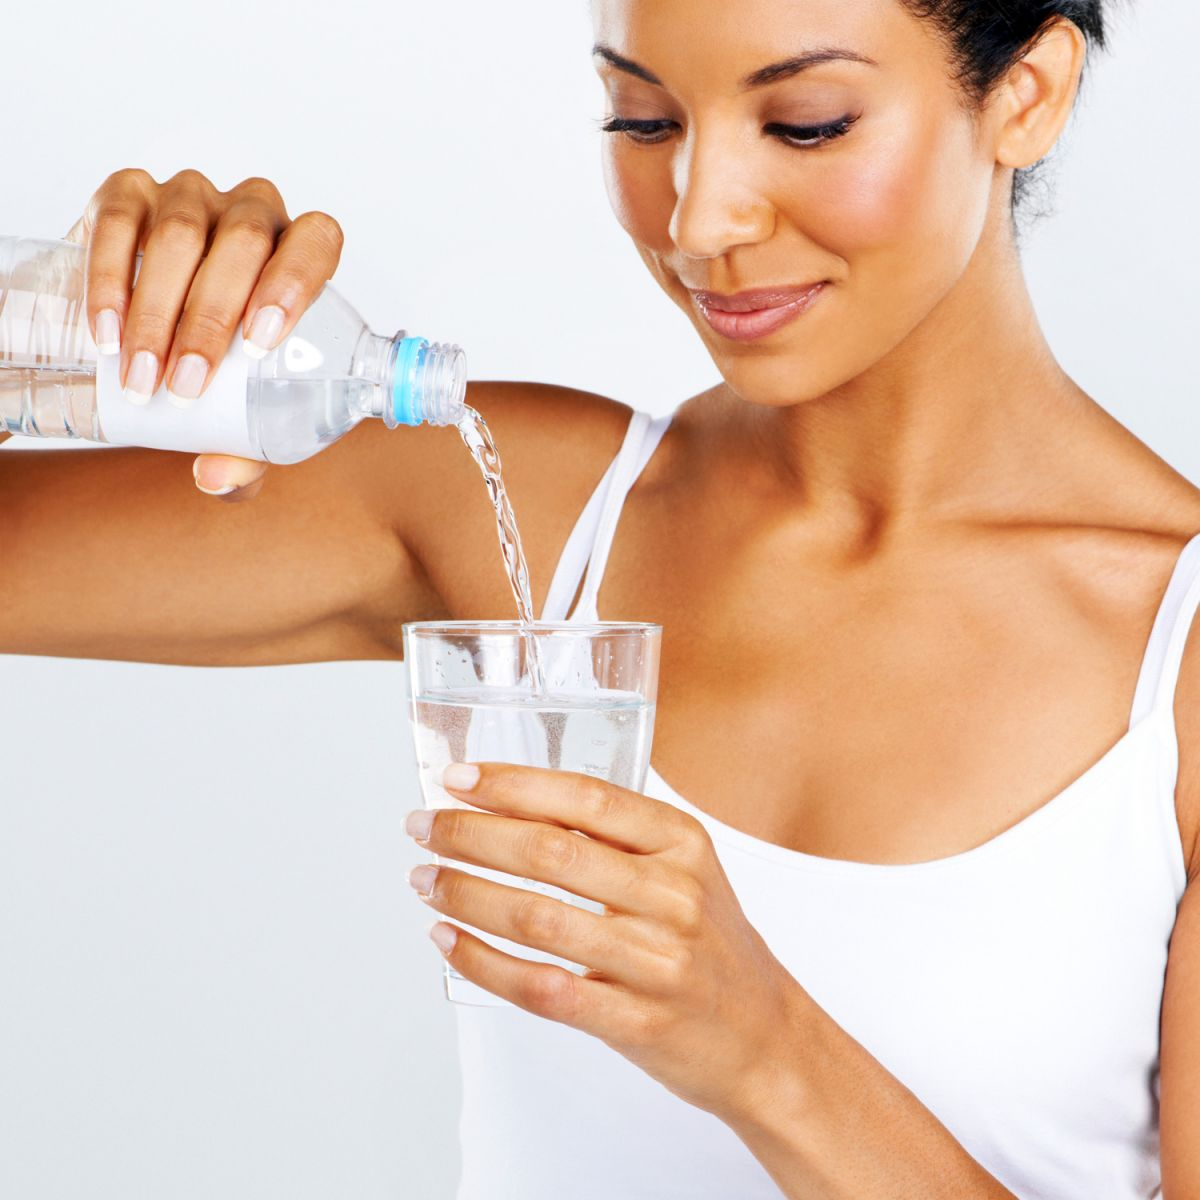 работает термобелье начала пить много воды отзыв должно быть без